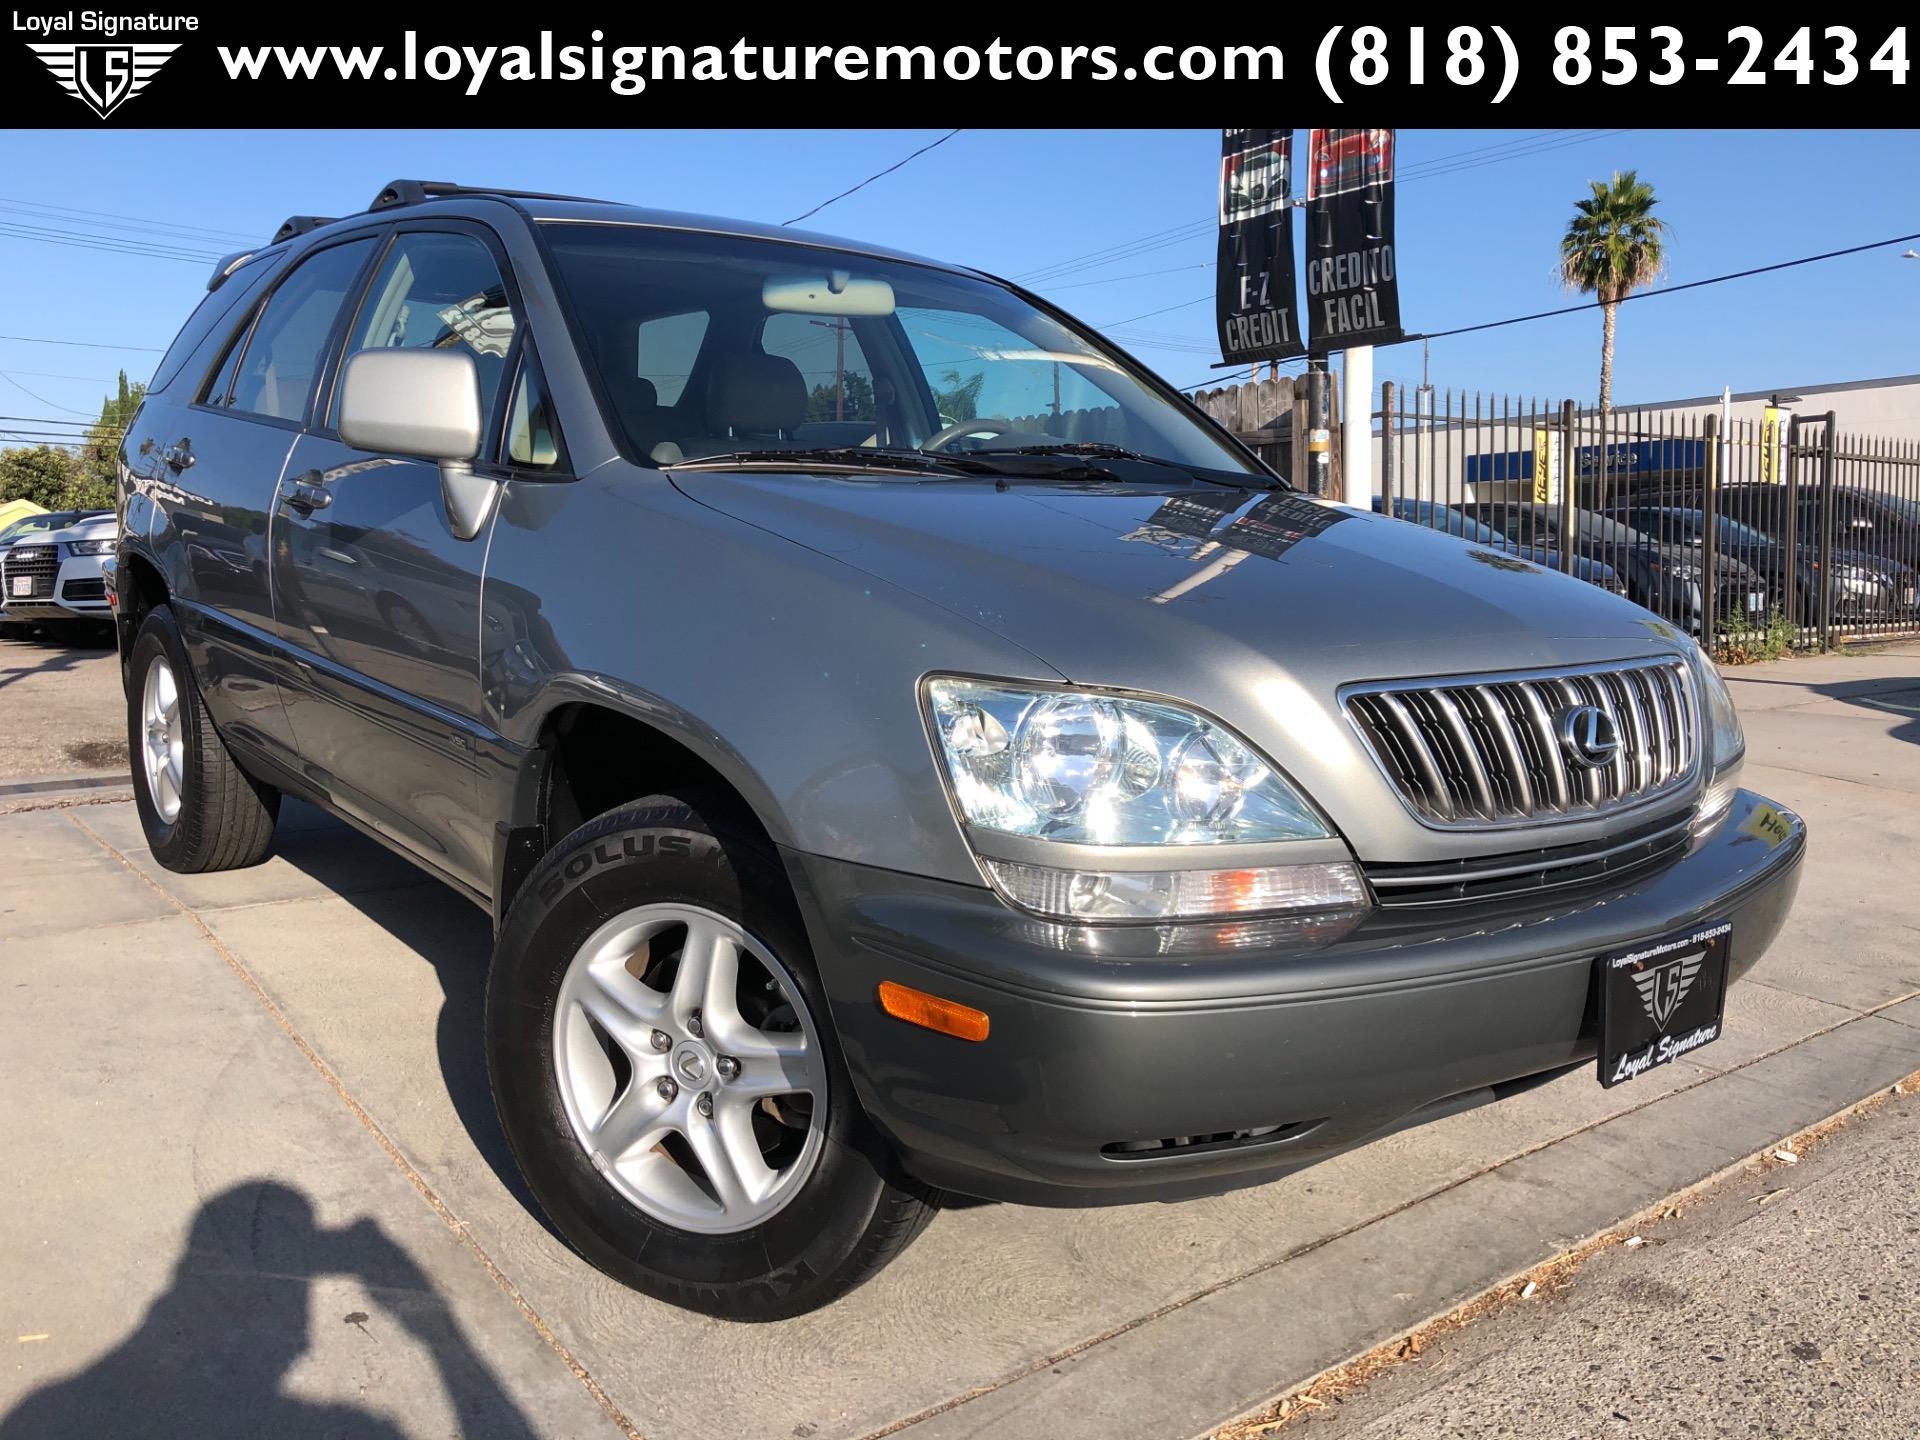 Used 2002 Lexus RX 300  | Van Nuys, CA